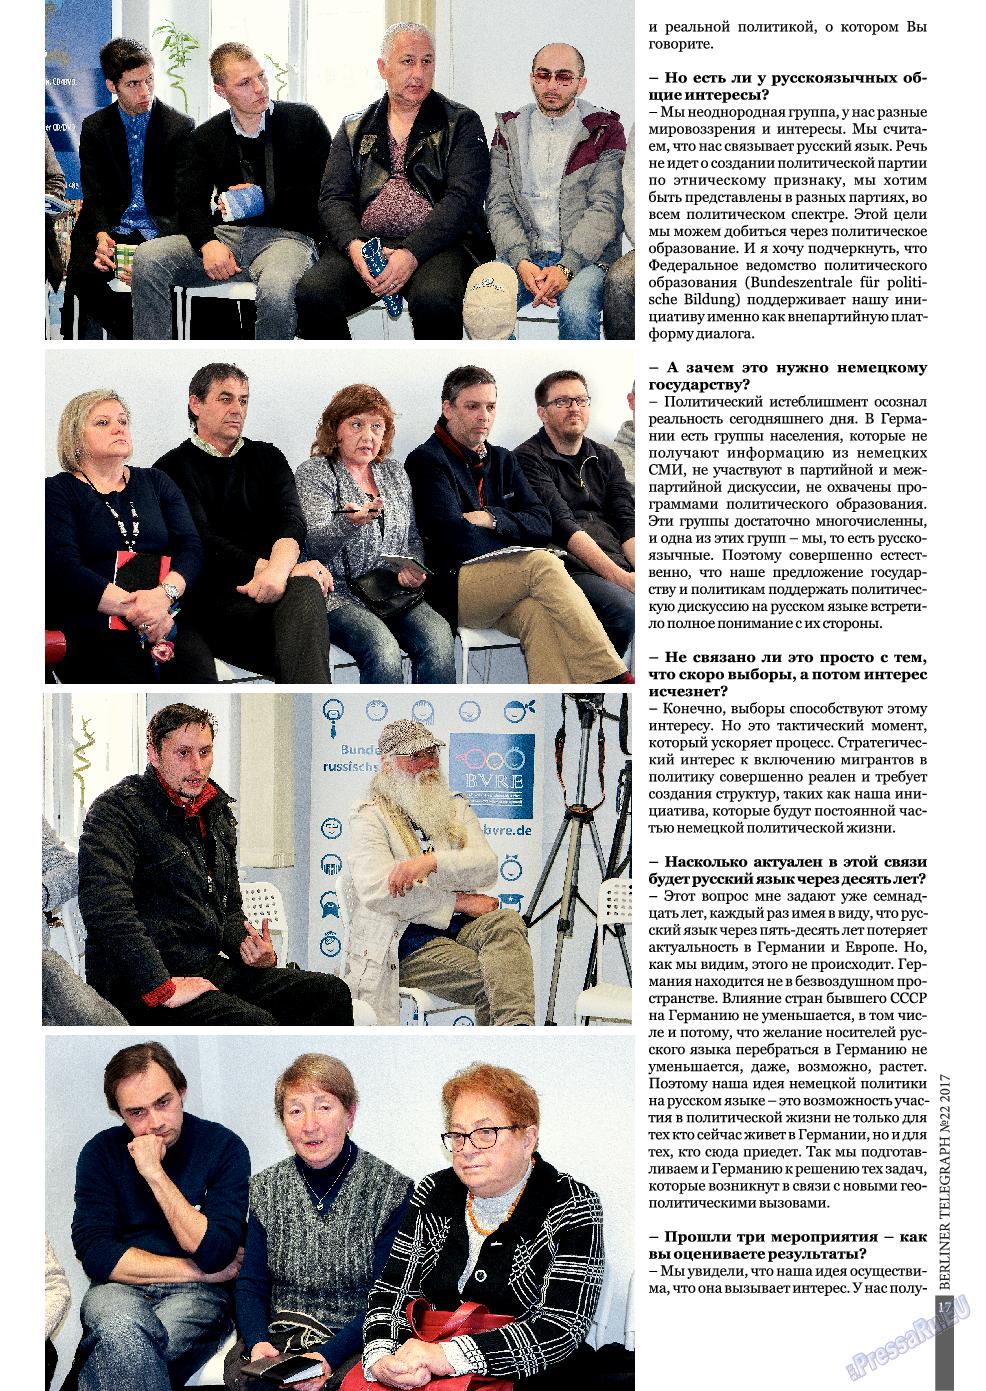 Берлинский телеграф (журнал). 2017 год, номер 22, стр. 17